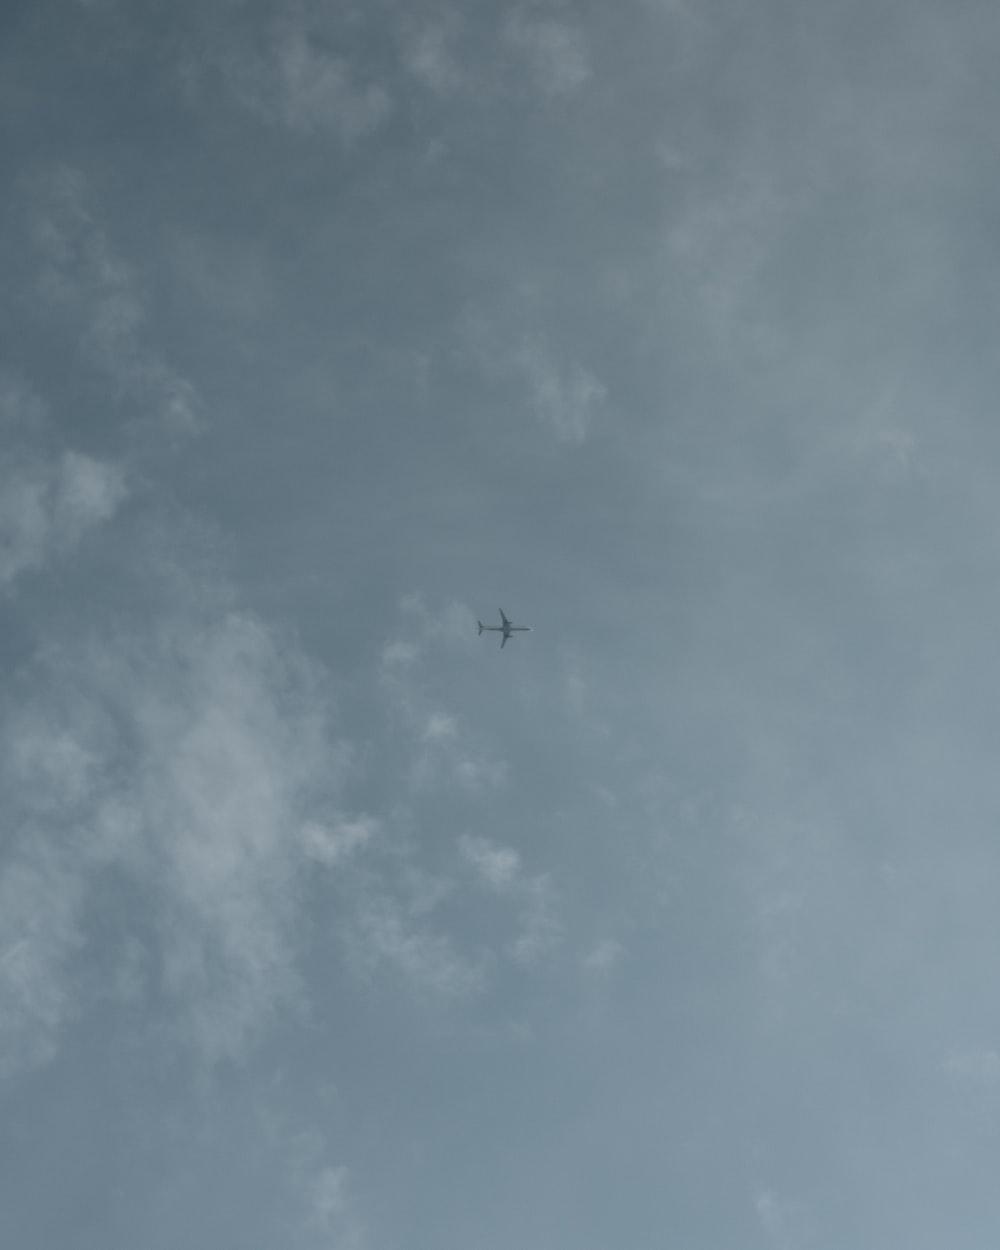 plane under white clouds